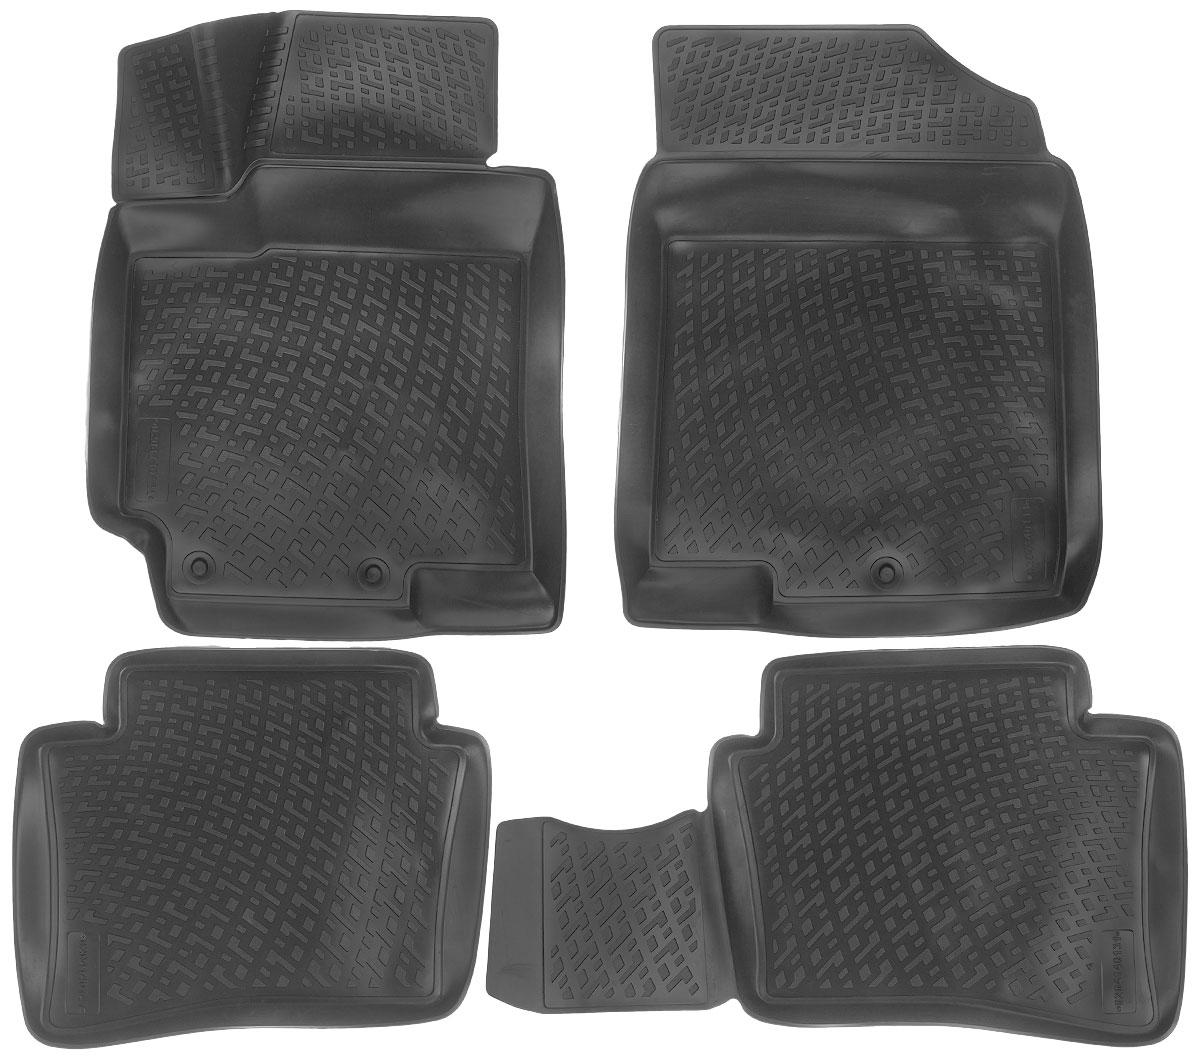 Набор автомобильных ковриков L.Locker Hyundai Solaris 2010, в салон, 4 штABS-14,4 Sli BMCНабор L.Locker Hyundai Solaris 2010, изготовленный из полиуретана, состоит из 4 антискользящих 3D ковриков, которые производятся индивидуально для каждой модели автомобиля. Изделие точно повторяет геометрию пола автомобиля, имеет высокий борт, обладает повышенной износоустойчивостью, лишено резкого запаха и сохраняет свои потребительские свойства в широком диапазоне температур от -50°С до +50°С.Комплектация: 4 шт.Размер ковриков: 75 см х 57 см; 56 см х 45 см;56 см х 45 см; 75 см х 57 см.